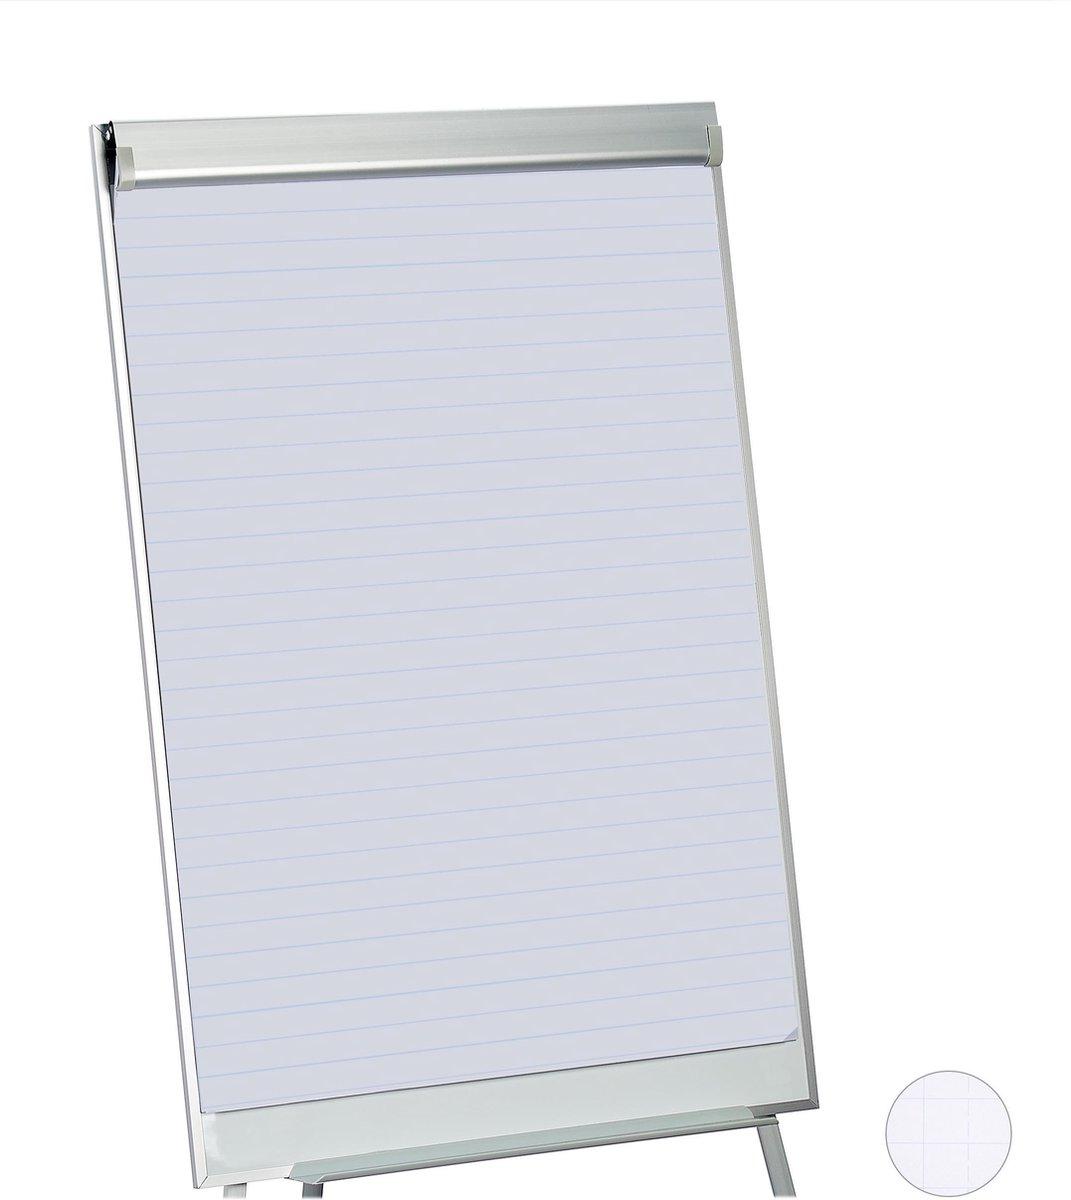 relaxdays flipover papier - flipchart papier - whiteboard papier - 50 vellen - papierblok Lijnen